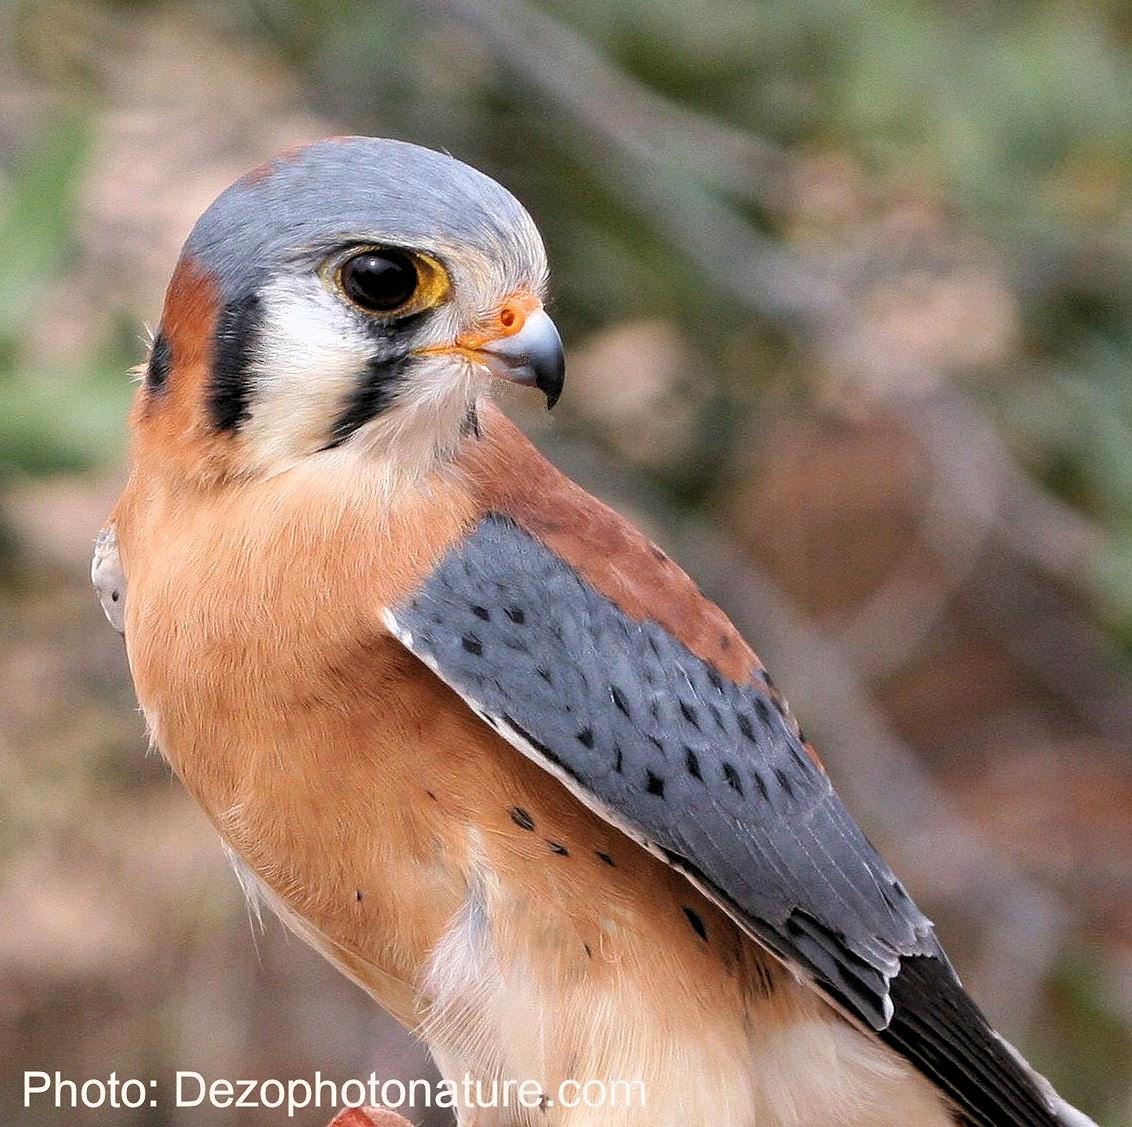 Oiseau de Martine 09/02/2015 trouvé par Ajonc Crecerelle-dezo-w3